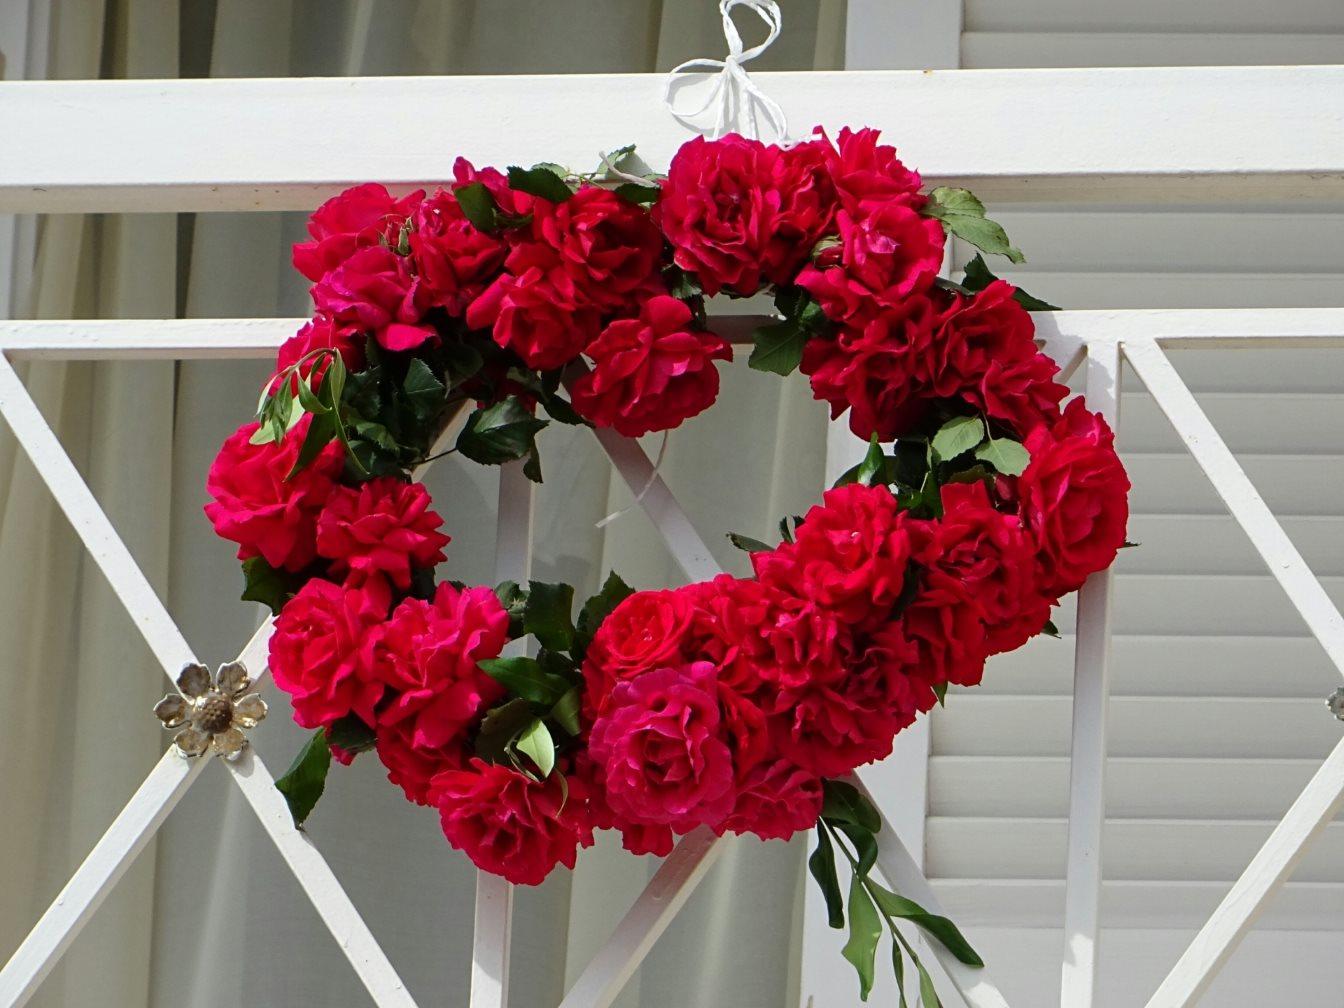 Ένα πρωτομαγιάτικο στεφάνιμε κόκκινα λουλούδια σε μπαλκόνι της Κέρκυρας. @Γιώργος Κονταρίνης